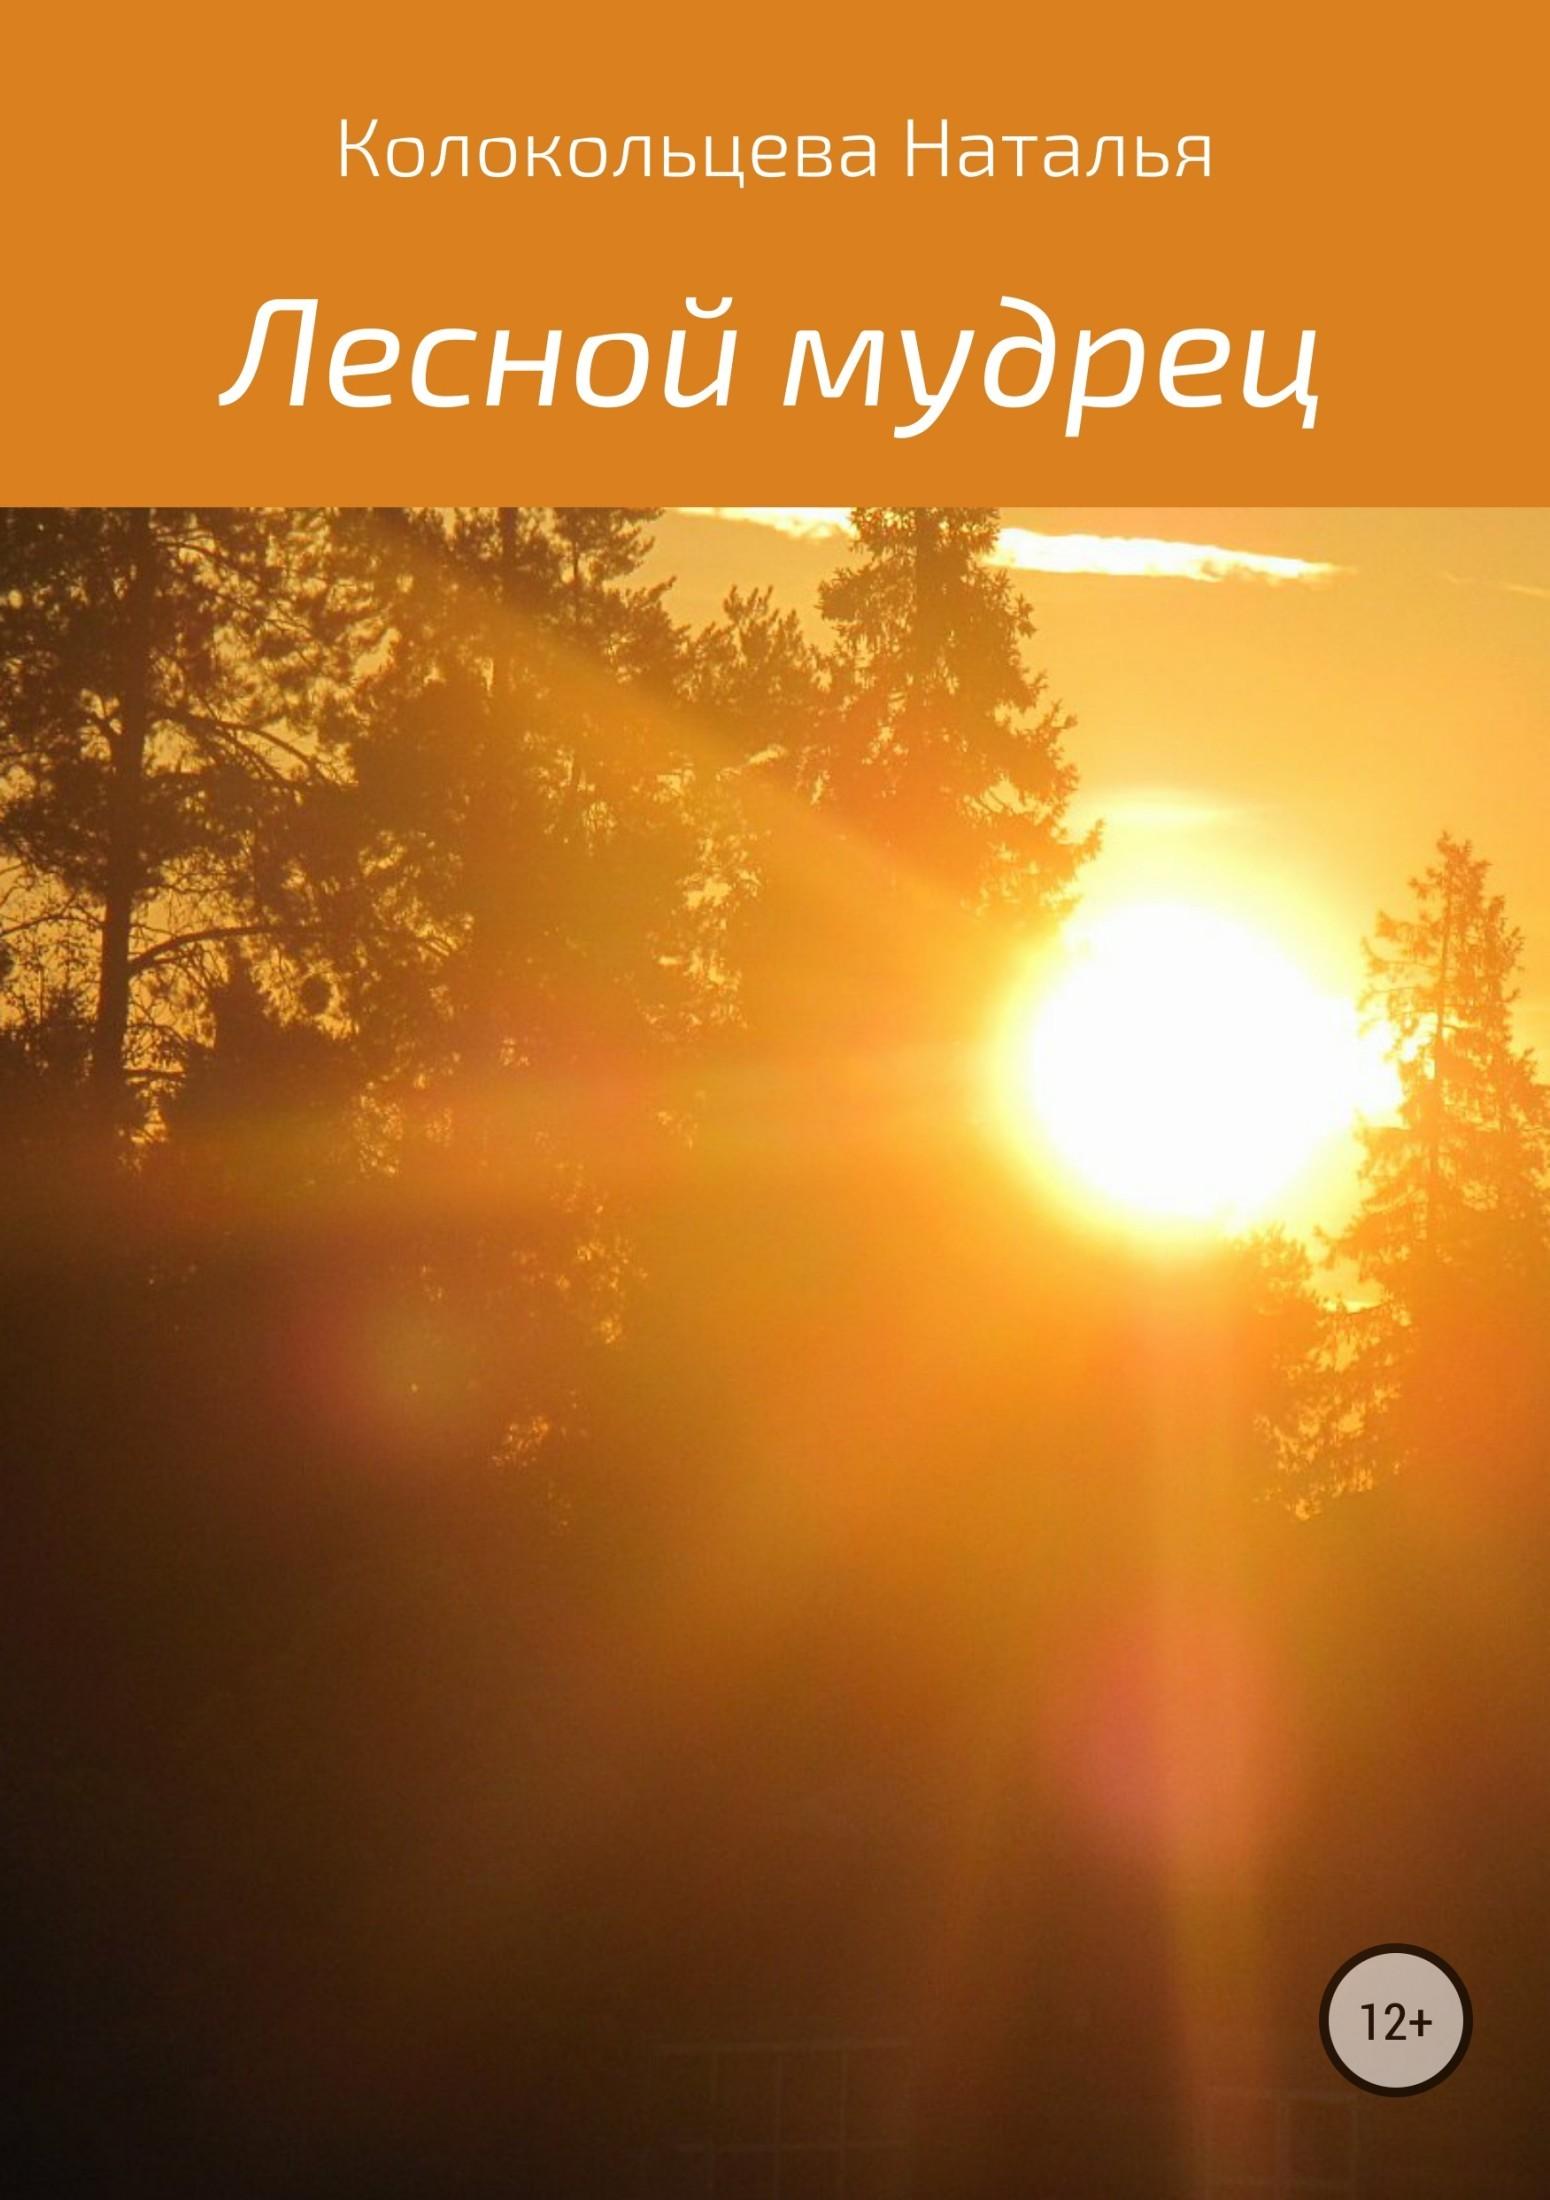 Наталья Борисовна Колокольцева Лесной мудрец шанырак для кыз узату сделать самому или в алматы